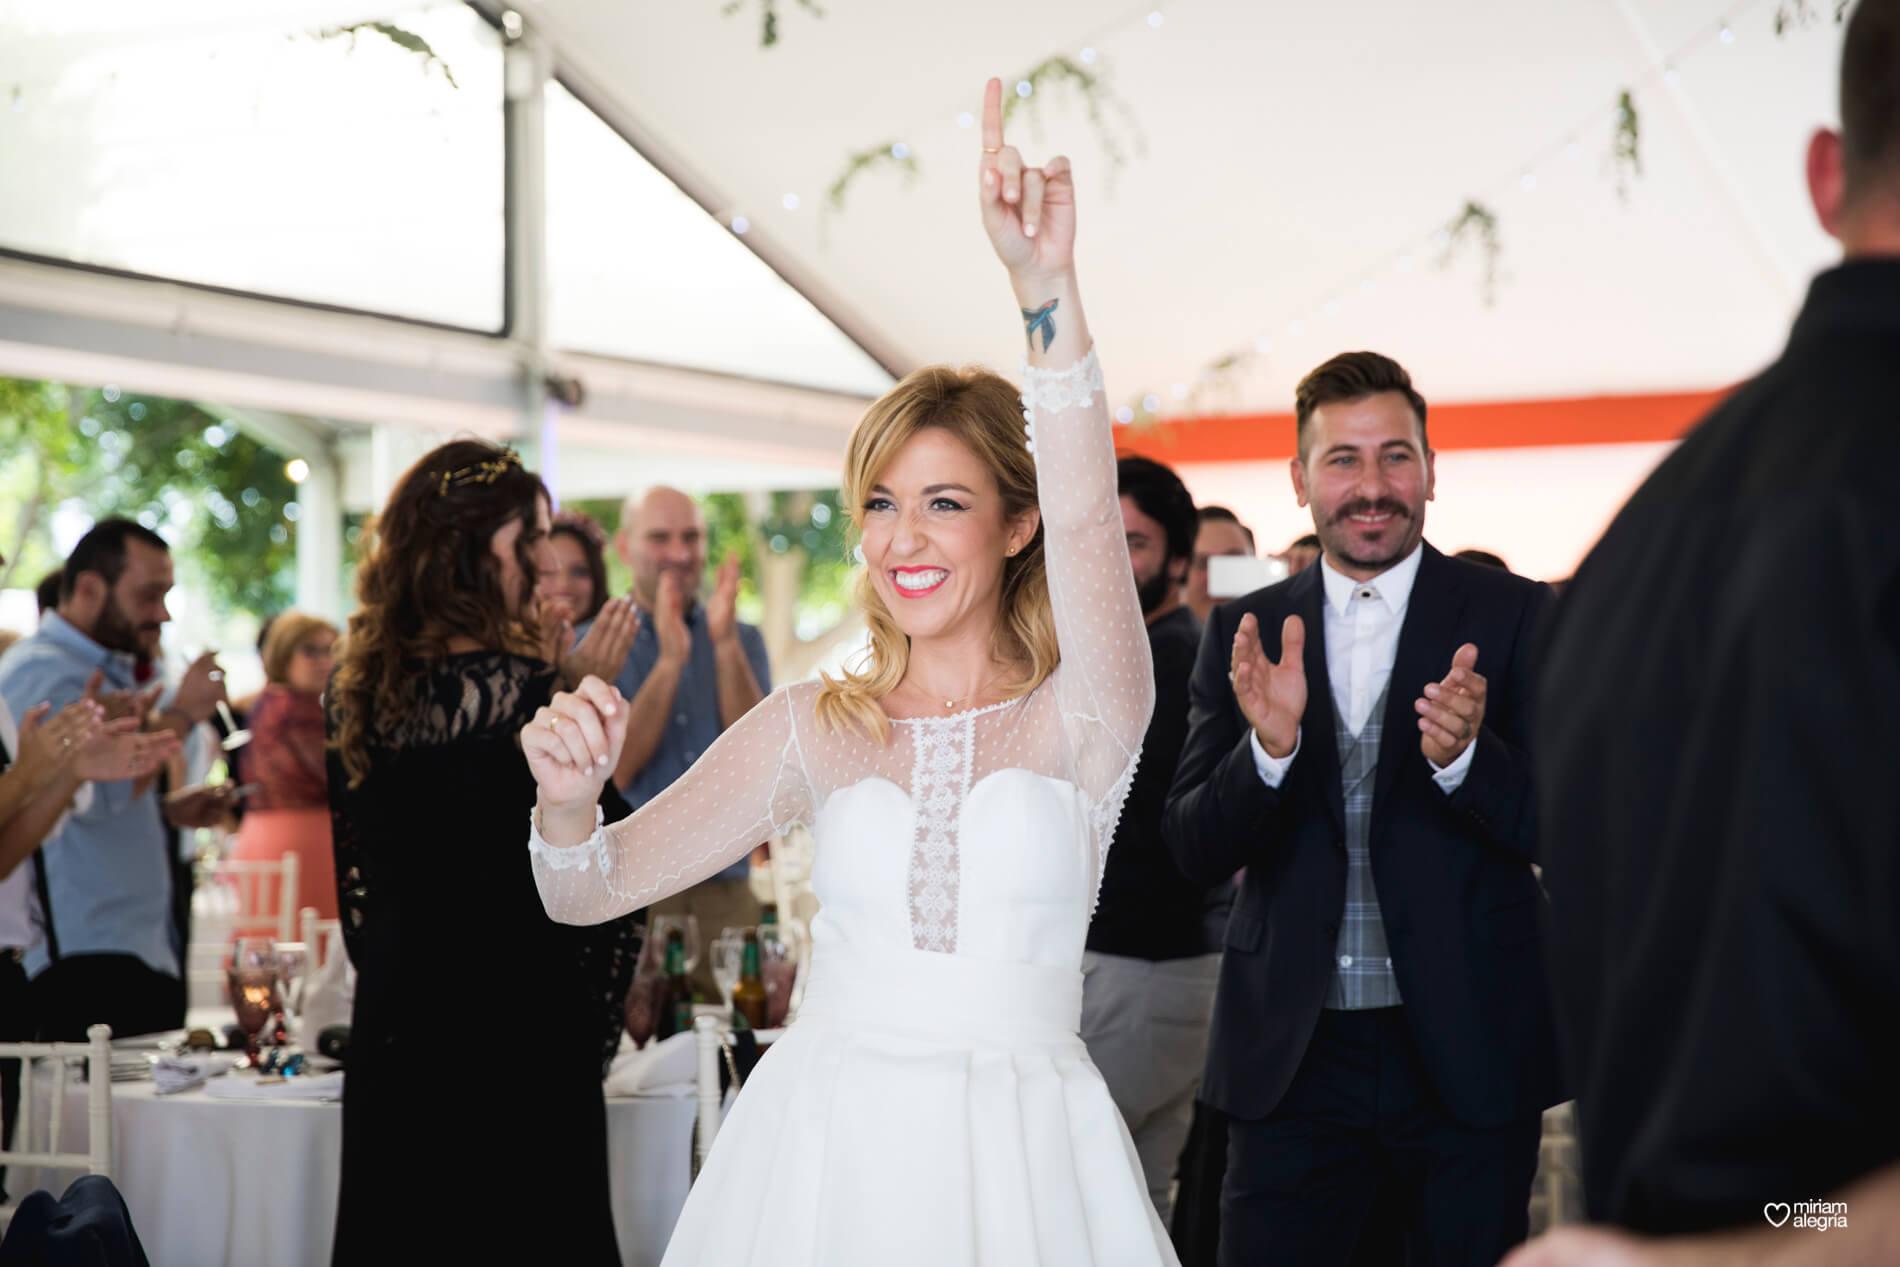 boda-en-finca-villa-vera-de-alemc7-miriam-alegria-fotografos-boda-murcia-148